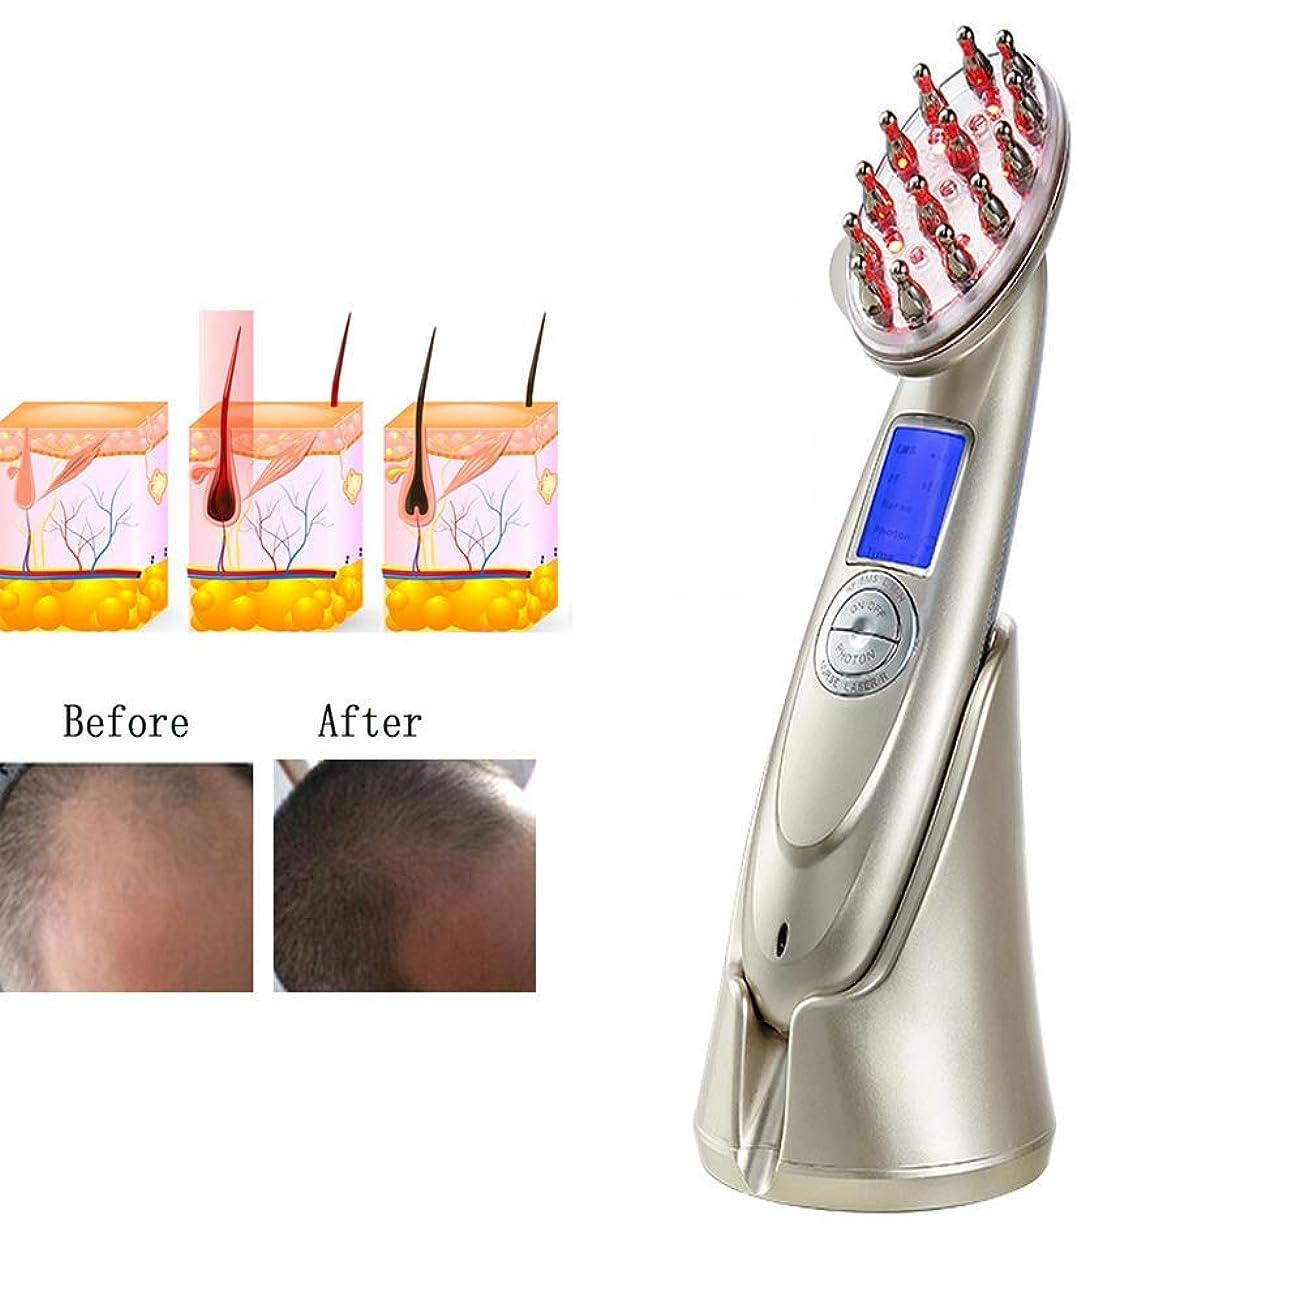 有料オレンジ葉を集めるRF EMS LED光子光療法のヘアブラシが付いている専門の電気毛の成長レーザーの櫛を改善して下さい